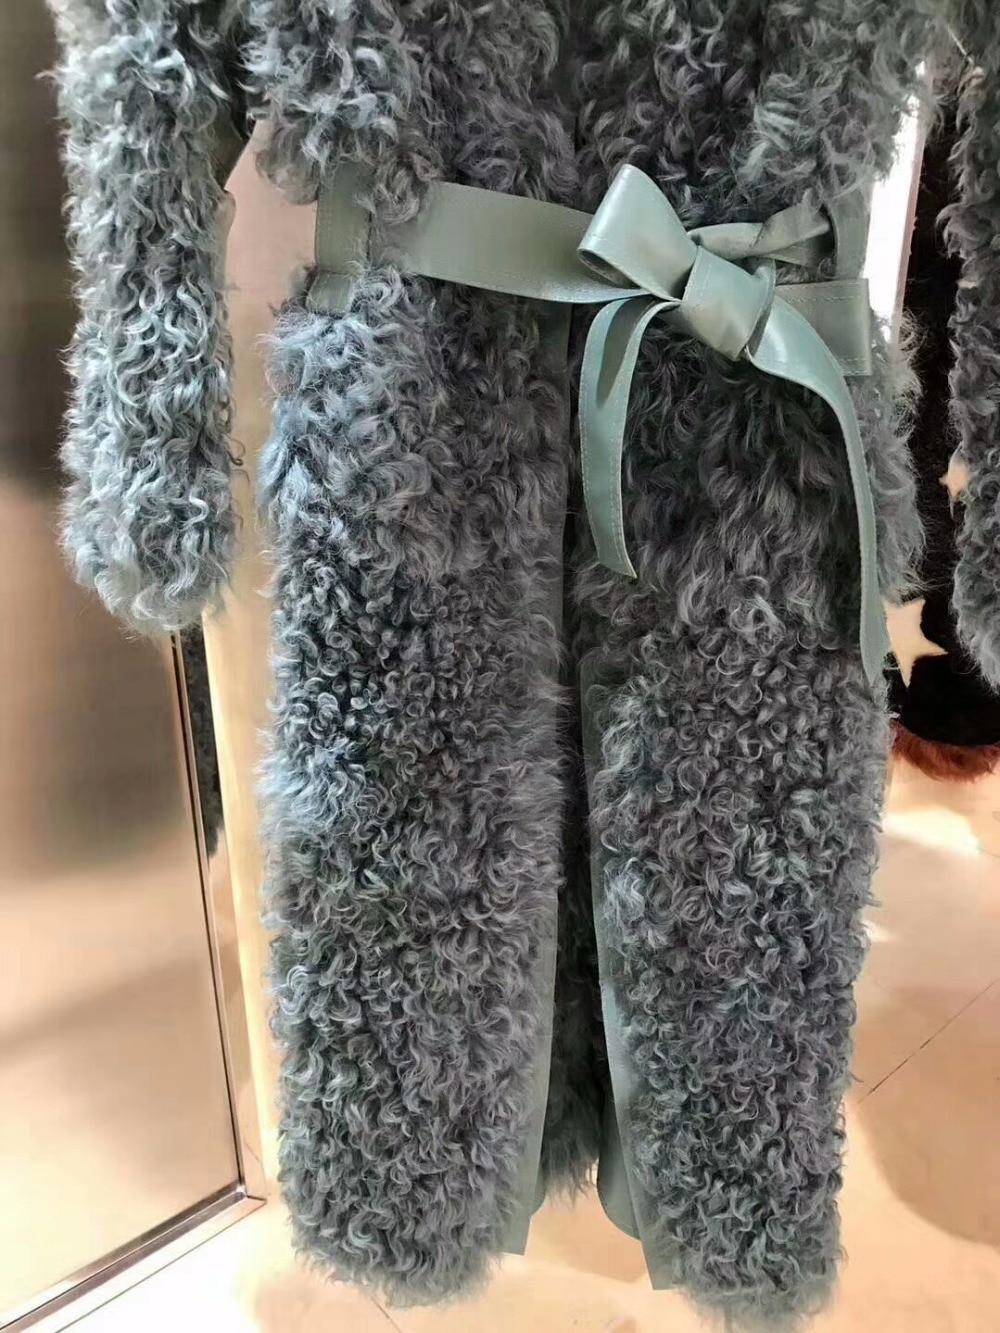 Des D'hiver Top 100Laine Qualité Manteau De Fourrure Manteaux Moutons Réel Avec À Femmes L'intérieur Parka Peau FourrureIncroyable FemmesLuxe D2bW9IeHEY